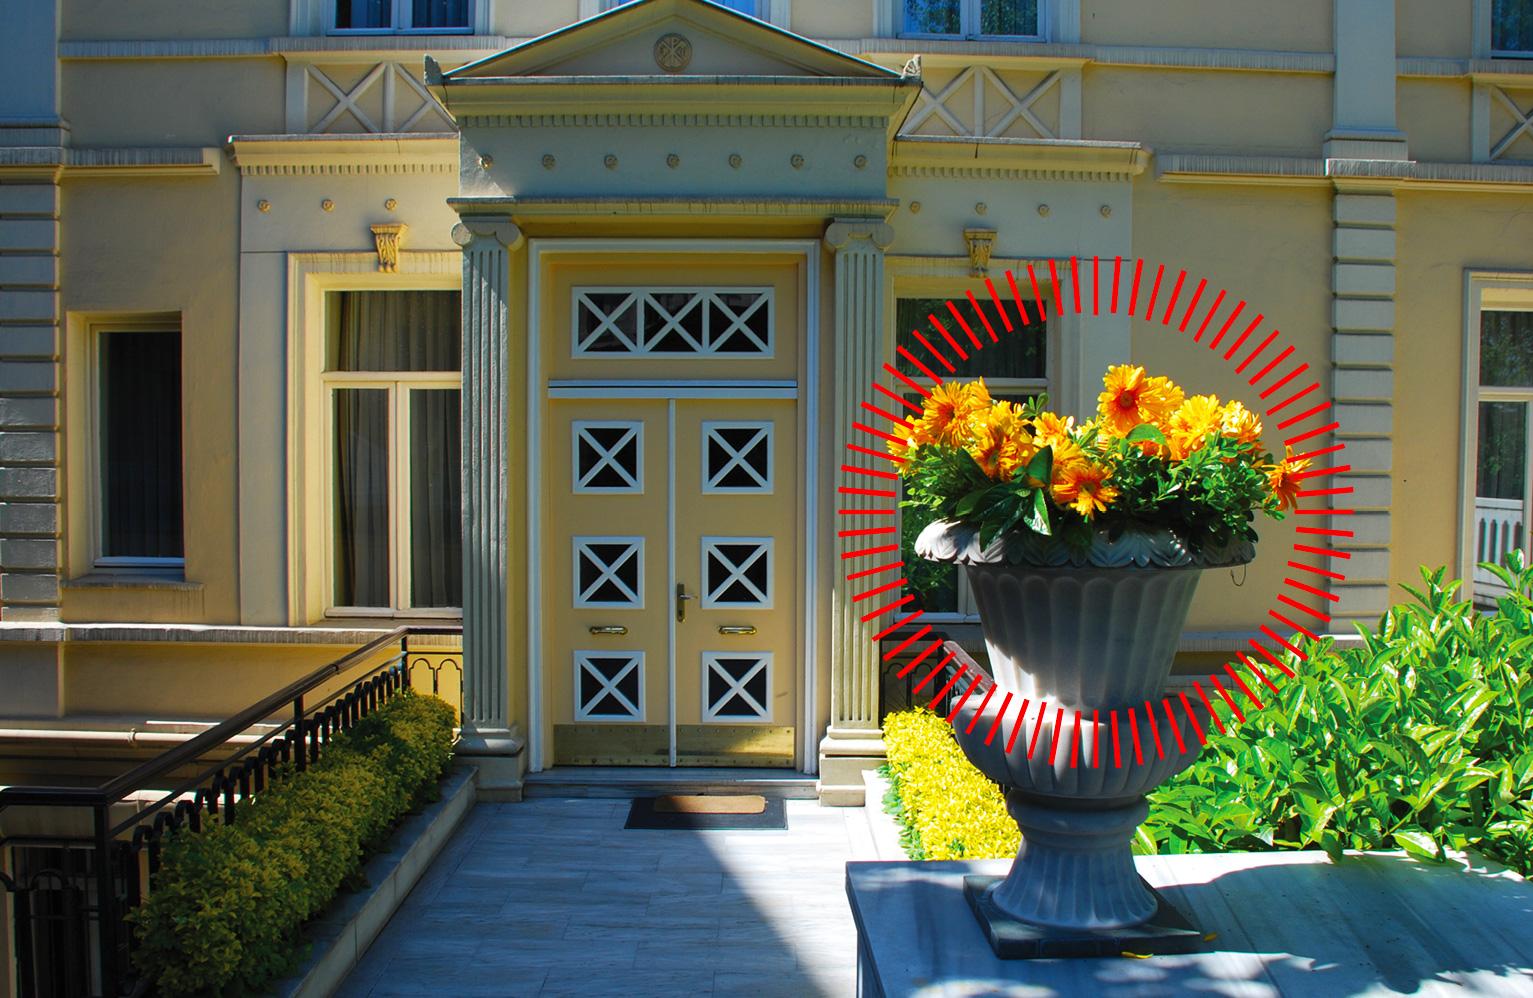 Garden at doorway